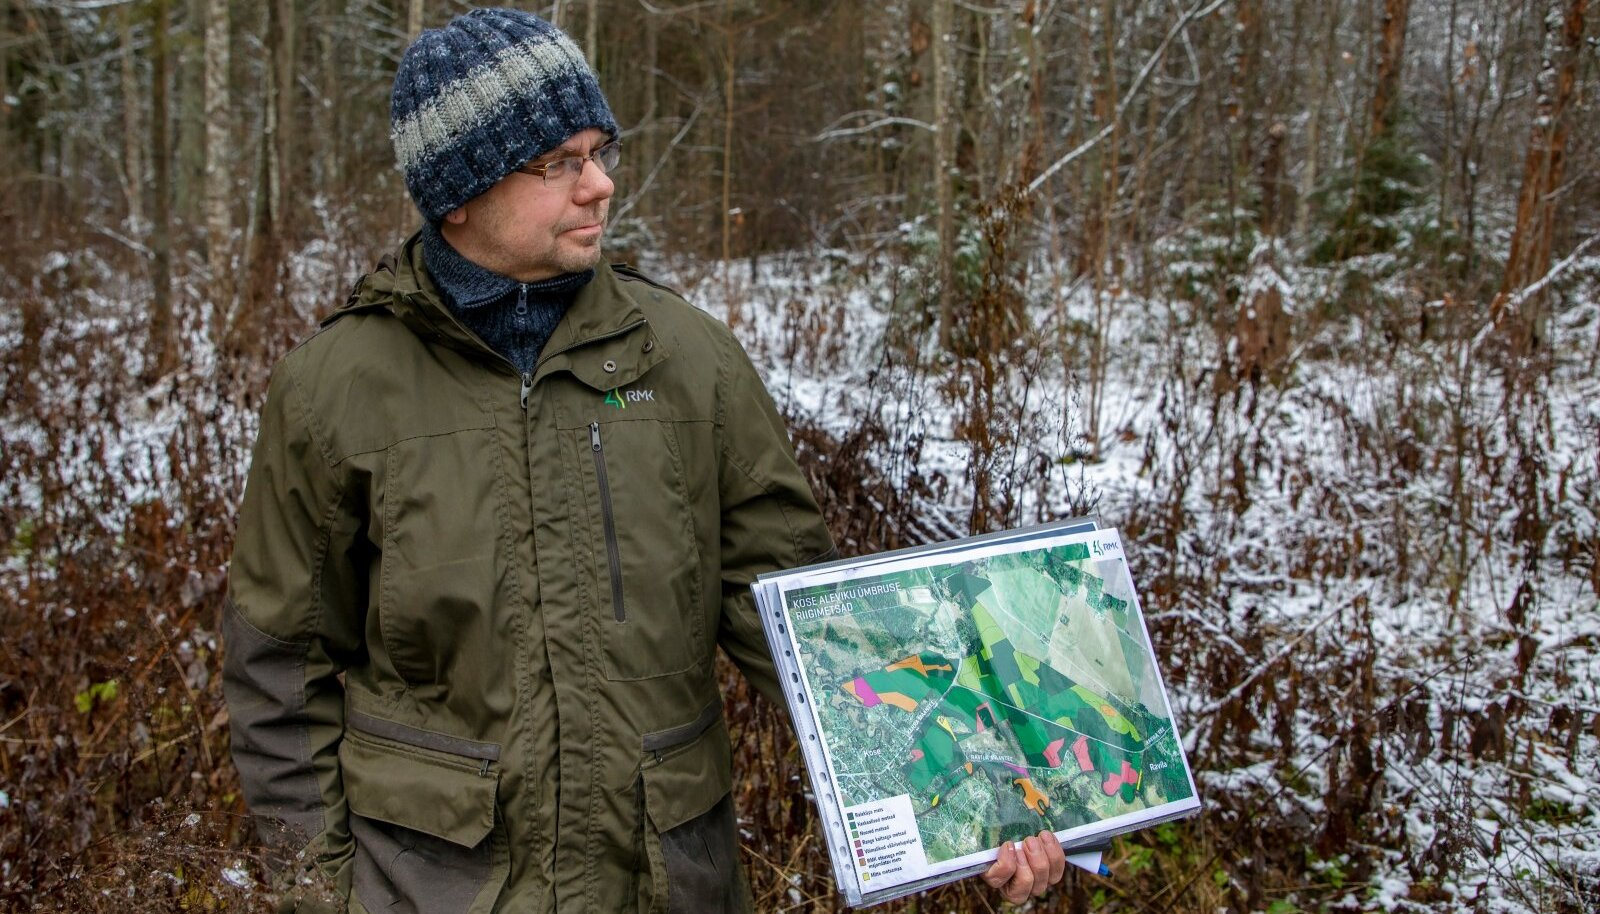 Eestimaa Looduse Fond soovib, et RMK arutaks rahvaga läbi, millised võimalused on kohaliku kõrgendatud huviga metsi majandada. Pildil näitab Ida-Harjumaa metsaülem Jürgen Kusmin Kose kaasamiskoosolekul, millised metsad Kose alevikus ja alevikuga piirnevas riigimetsas kasvavad.